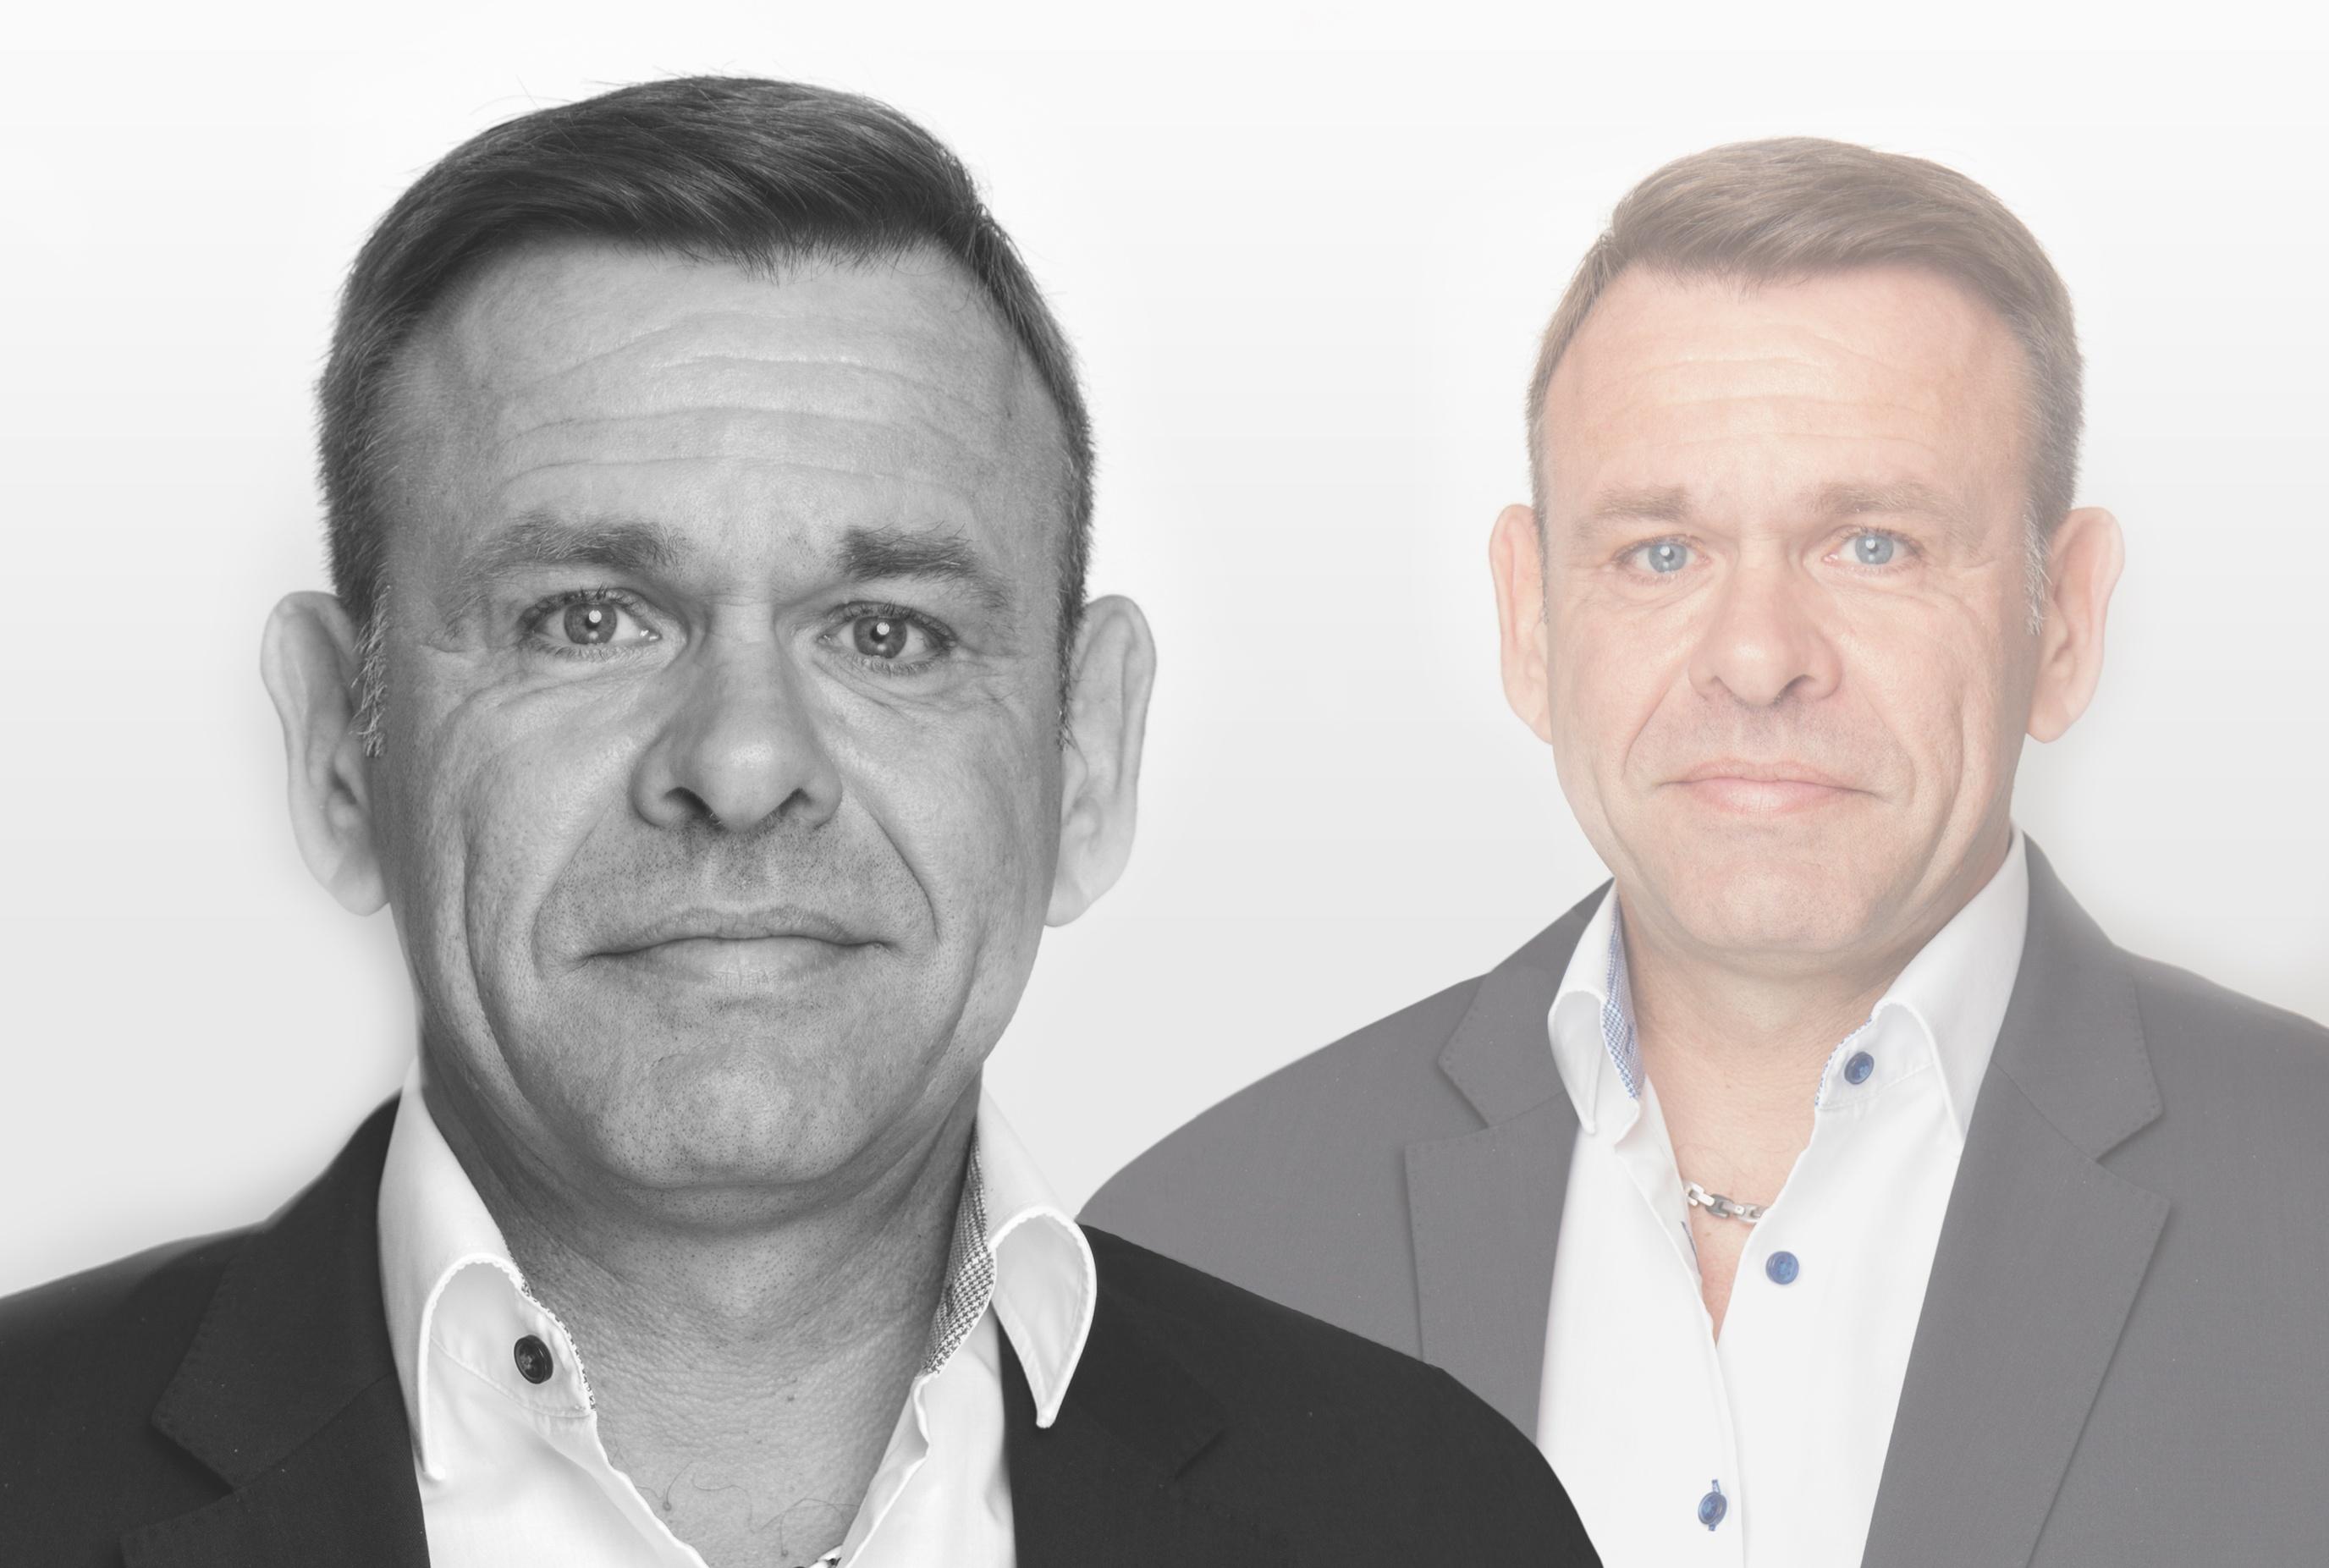 Jörg Wilwerth